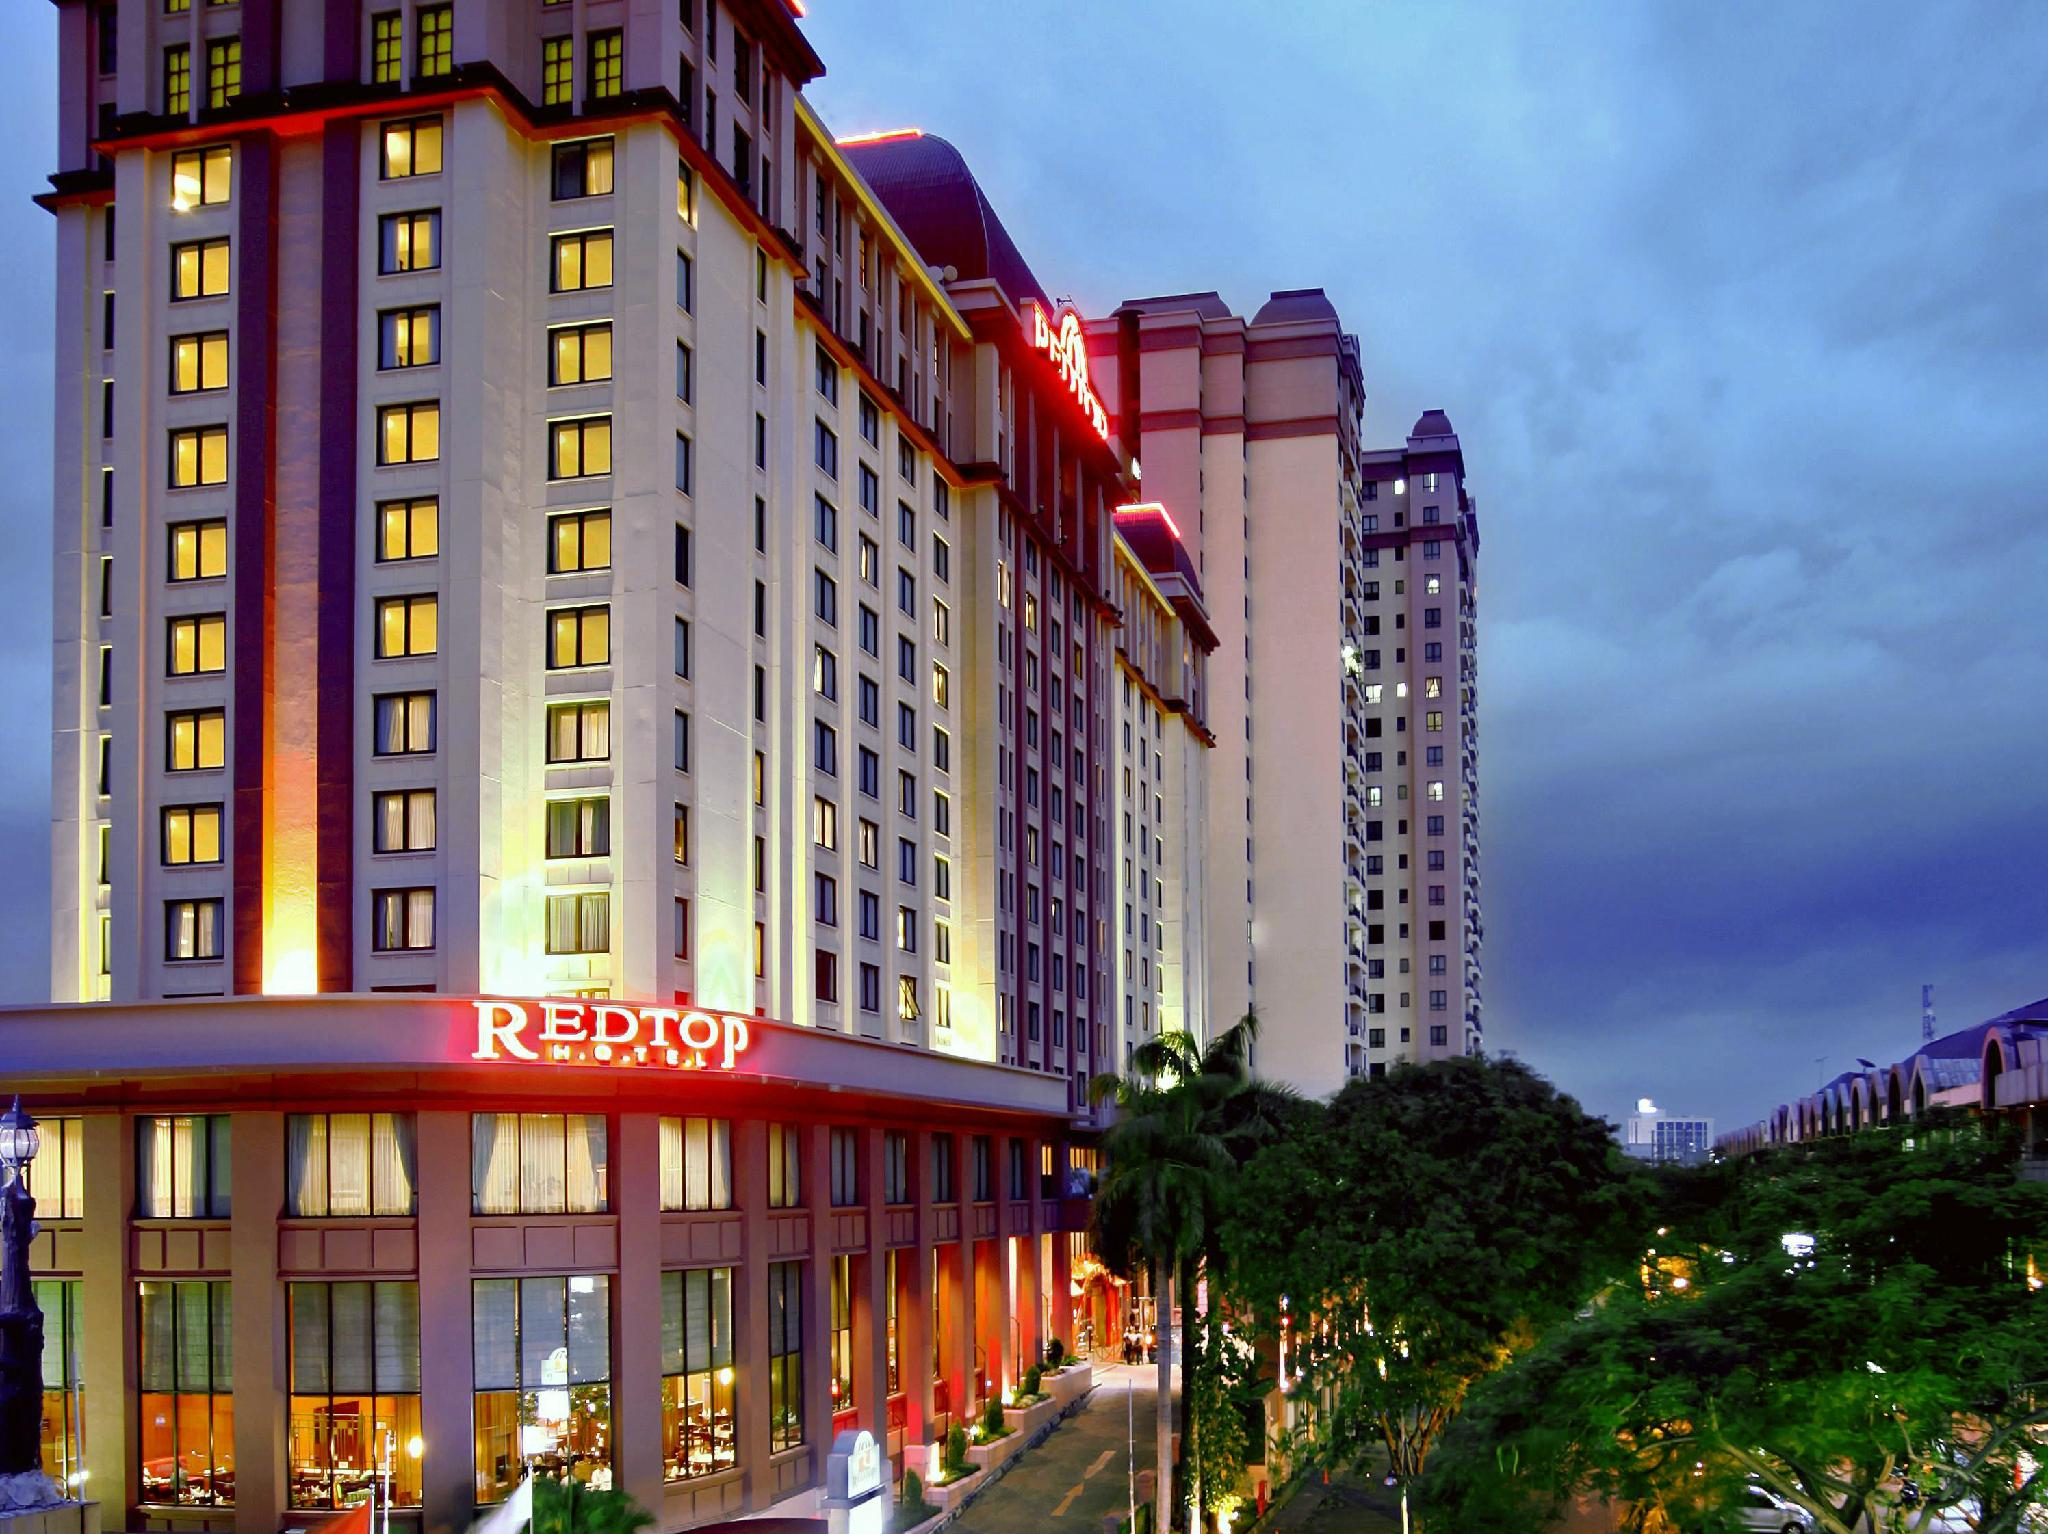 Daftar 7 Hotel Murah Dekat Ancol Jakarta - Informasi Hotel